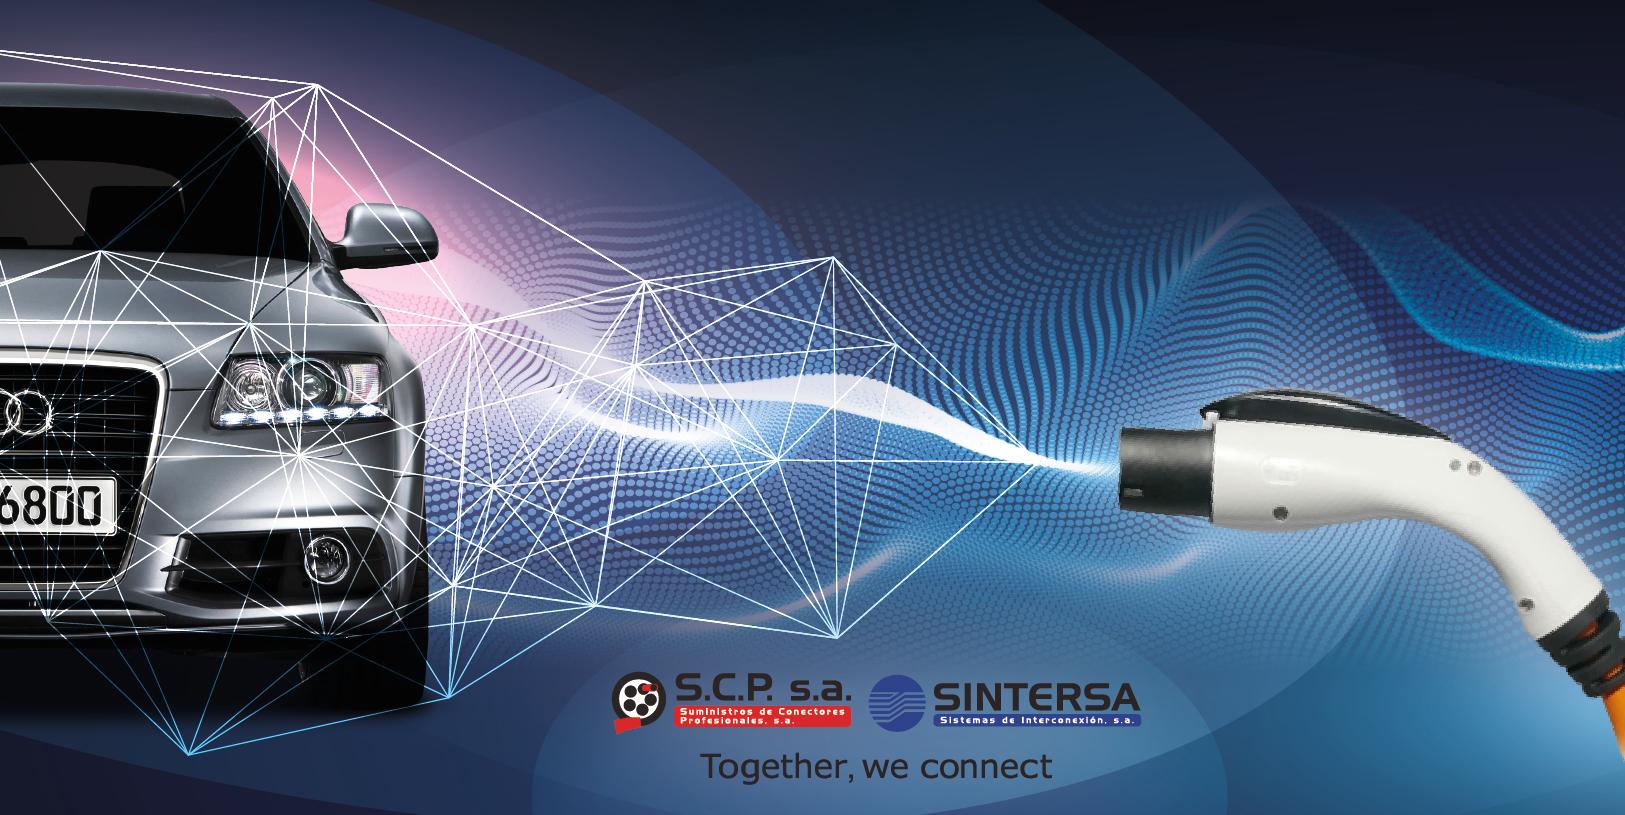 soluciones-scp-sintersa-para-el-vehiculo-electrico